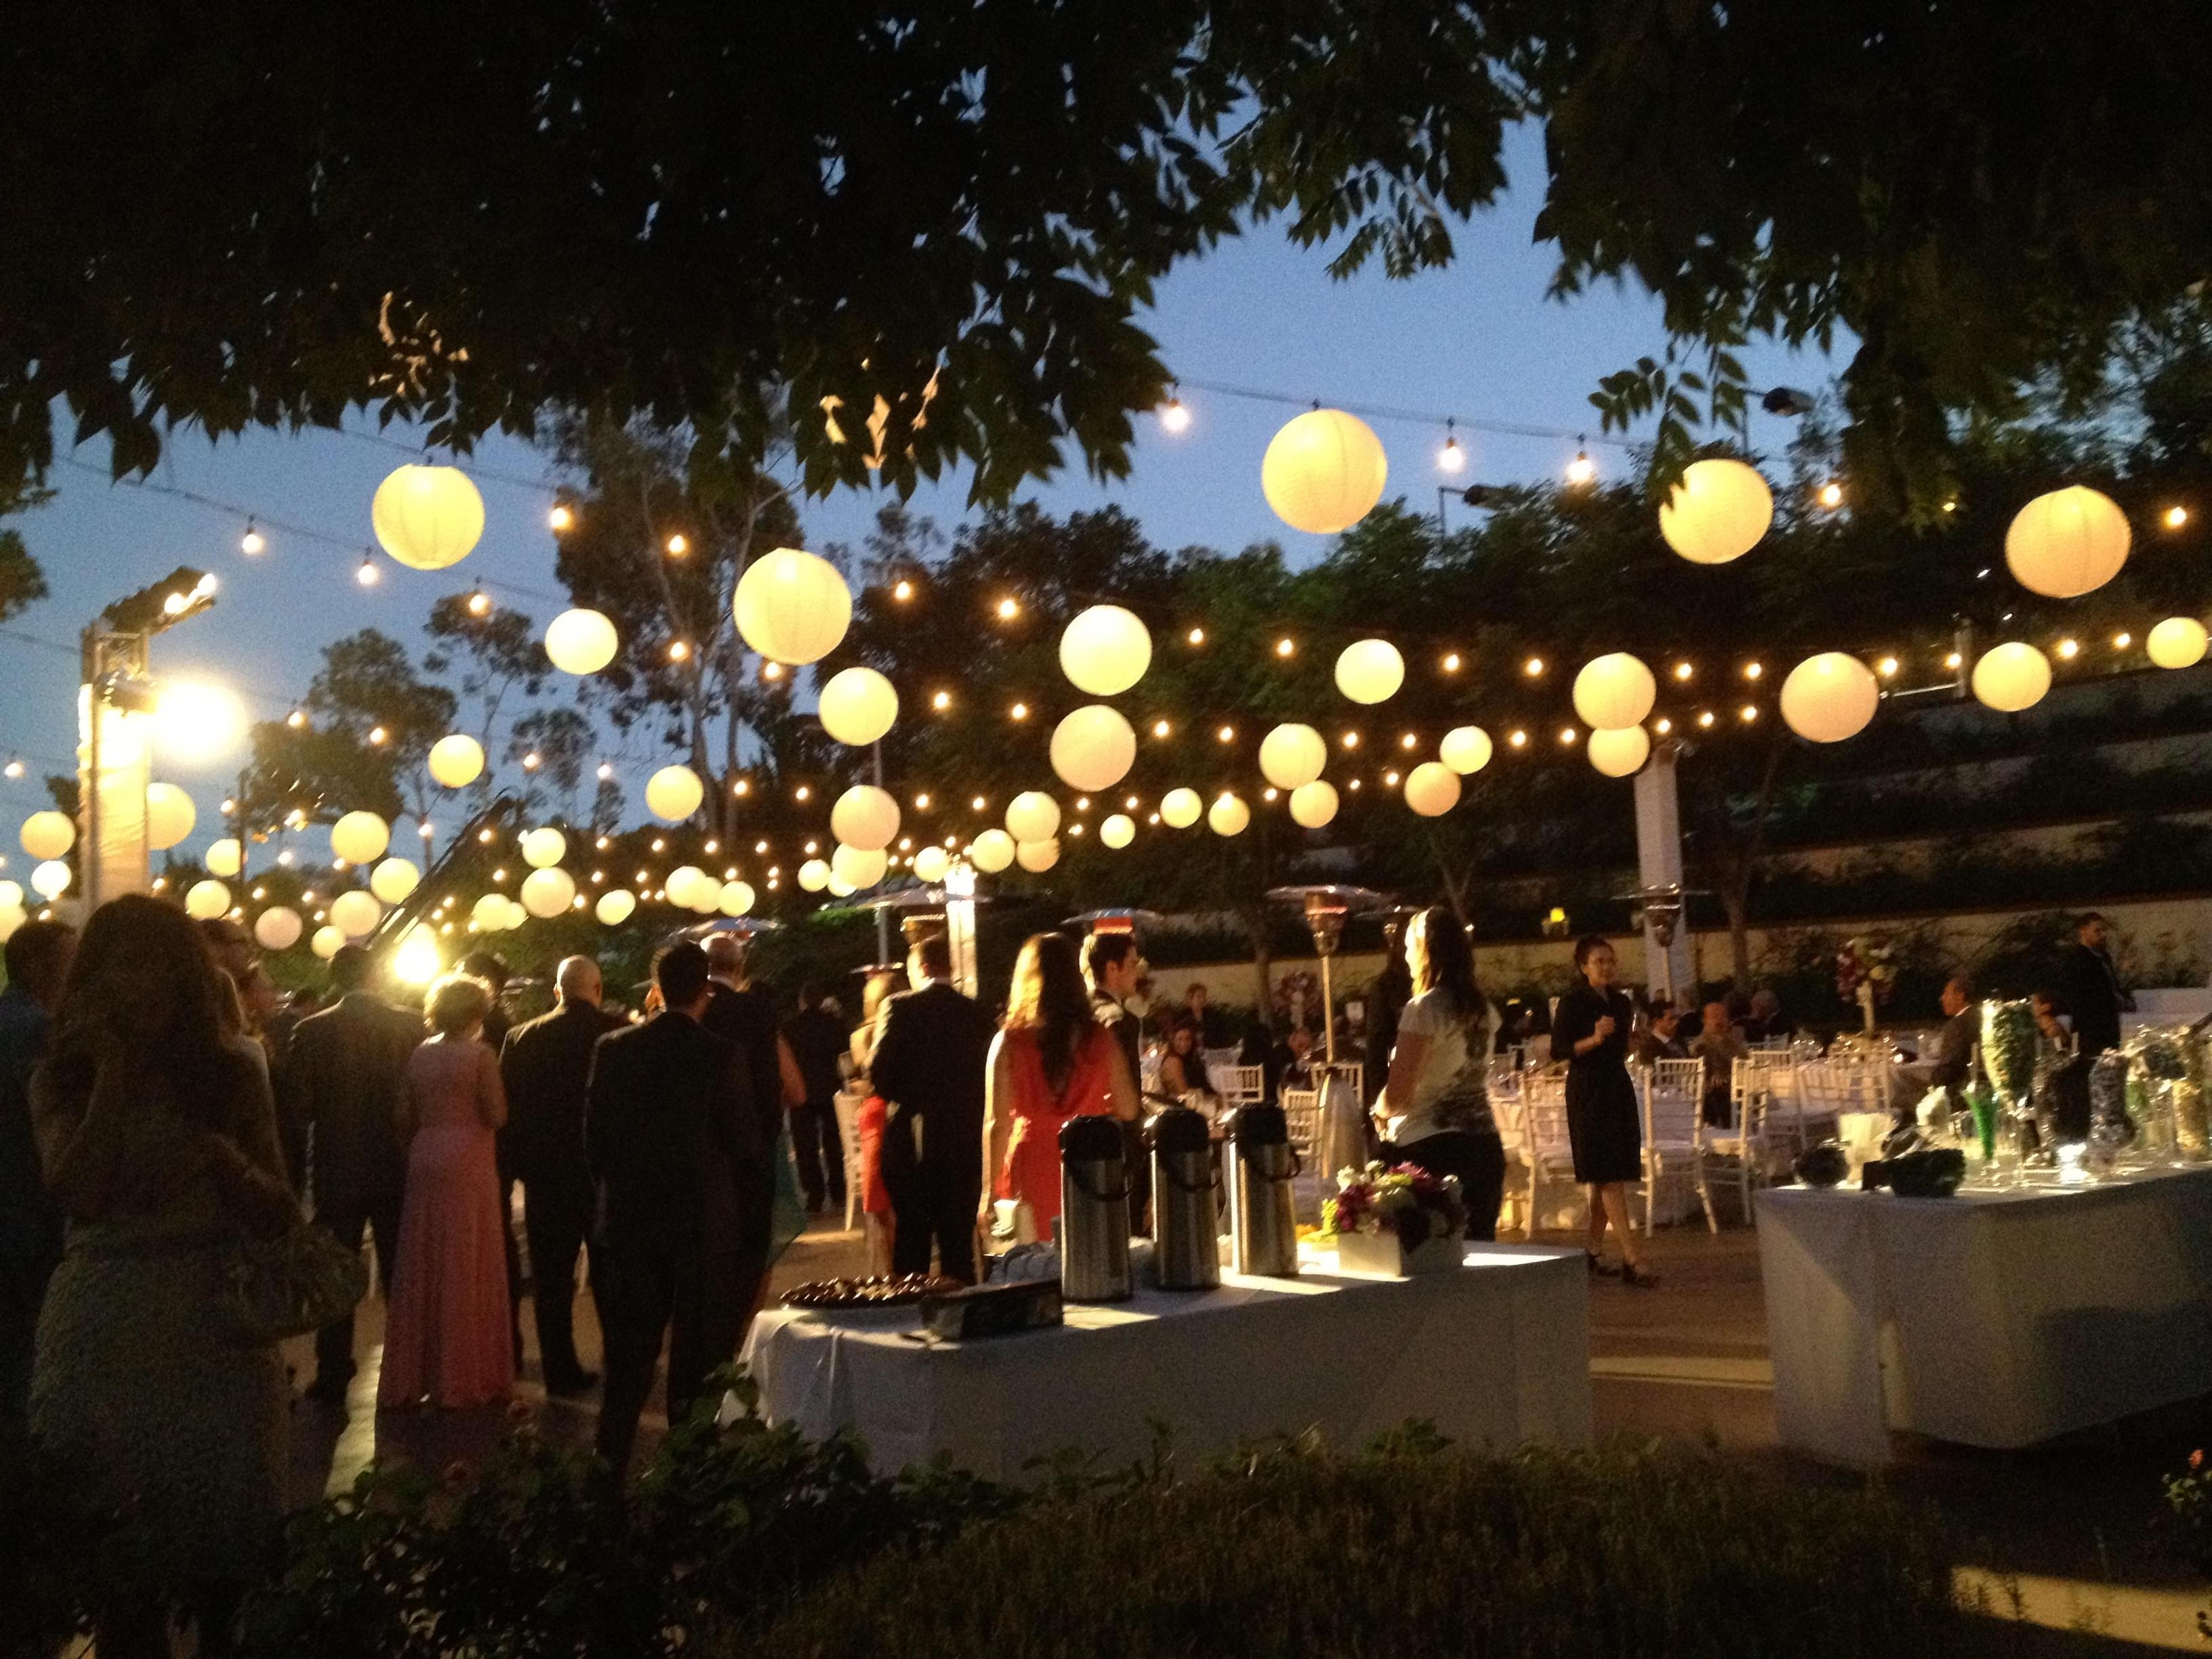 Outdoor Lighting Wedding – Outdoor Lighting Ideas Regarding Outdoor Lanterns For Wedding (View 13 of 20)